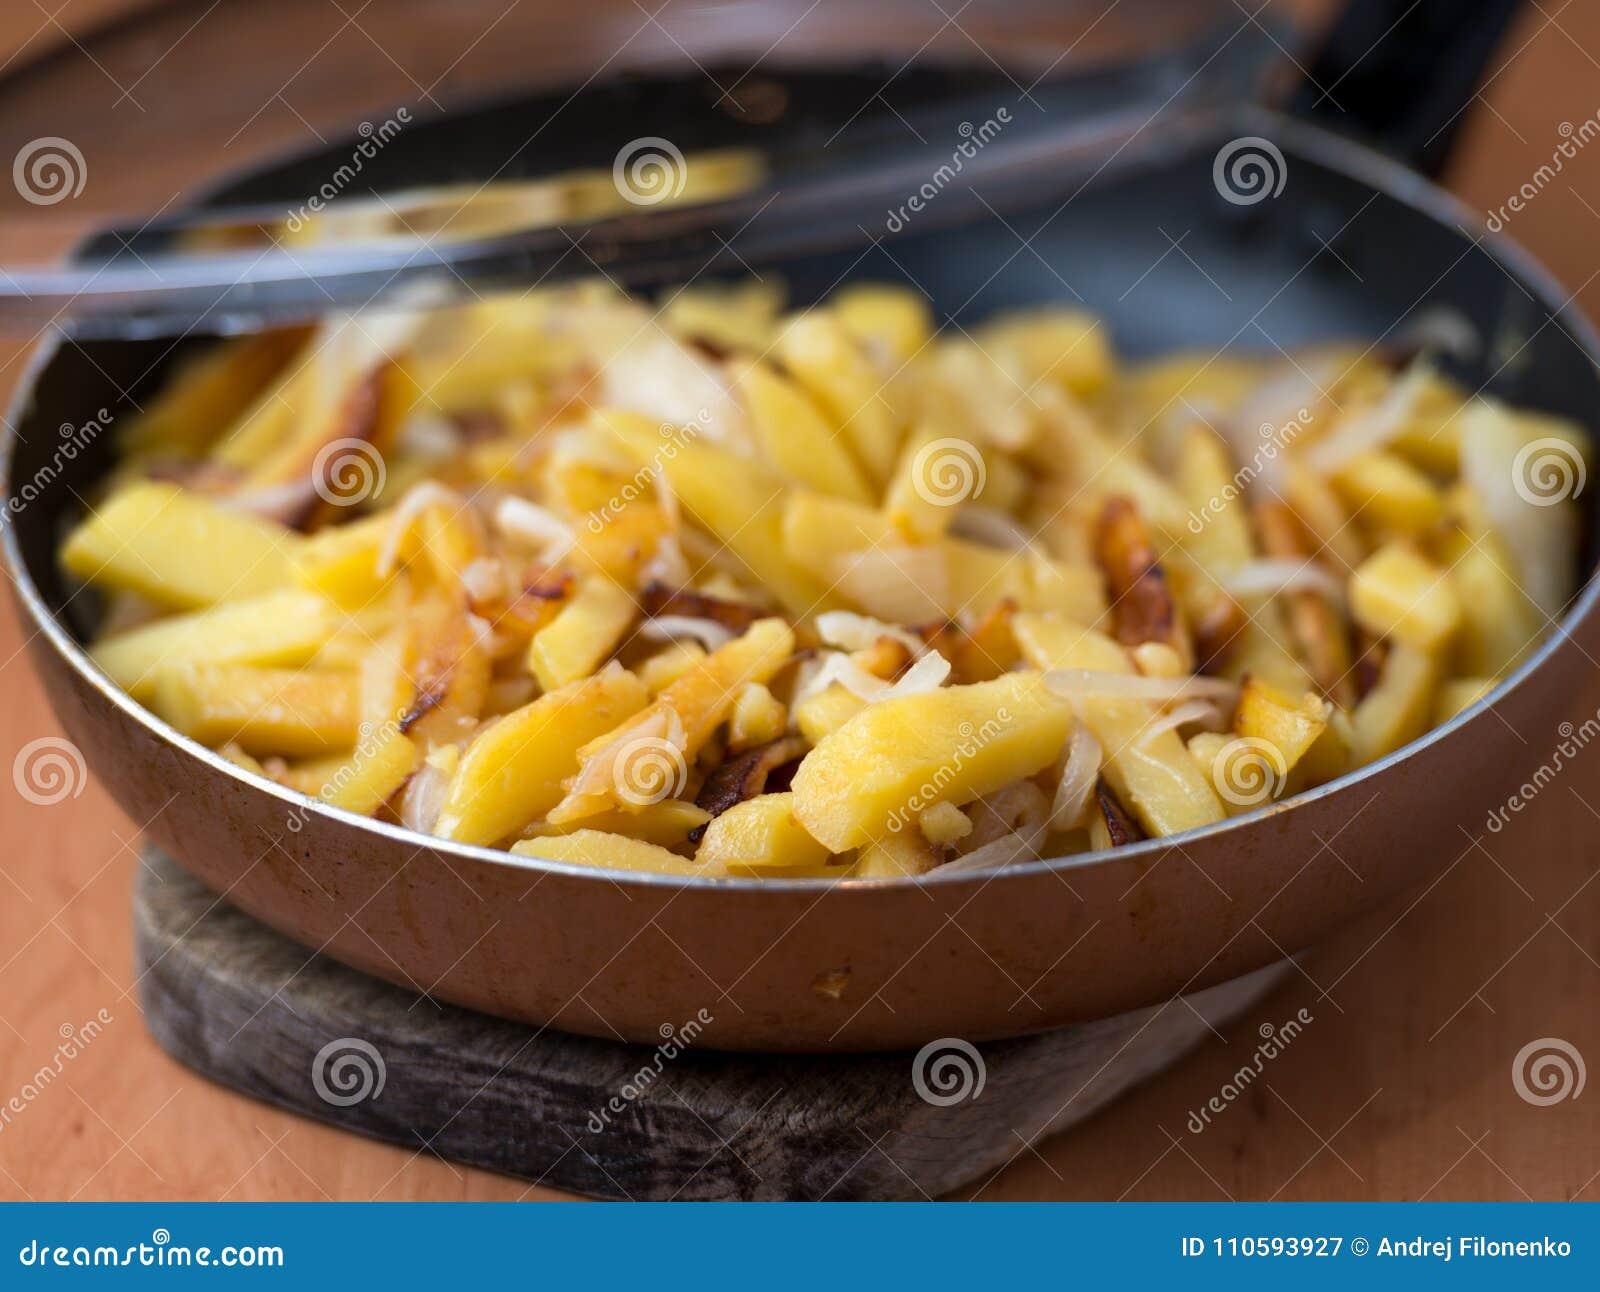 Smakelijke eigengemaakte gebraden die aardappels met uien in een pan worden gediend